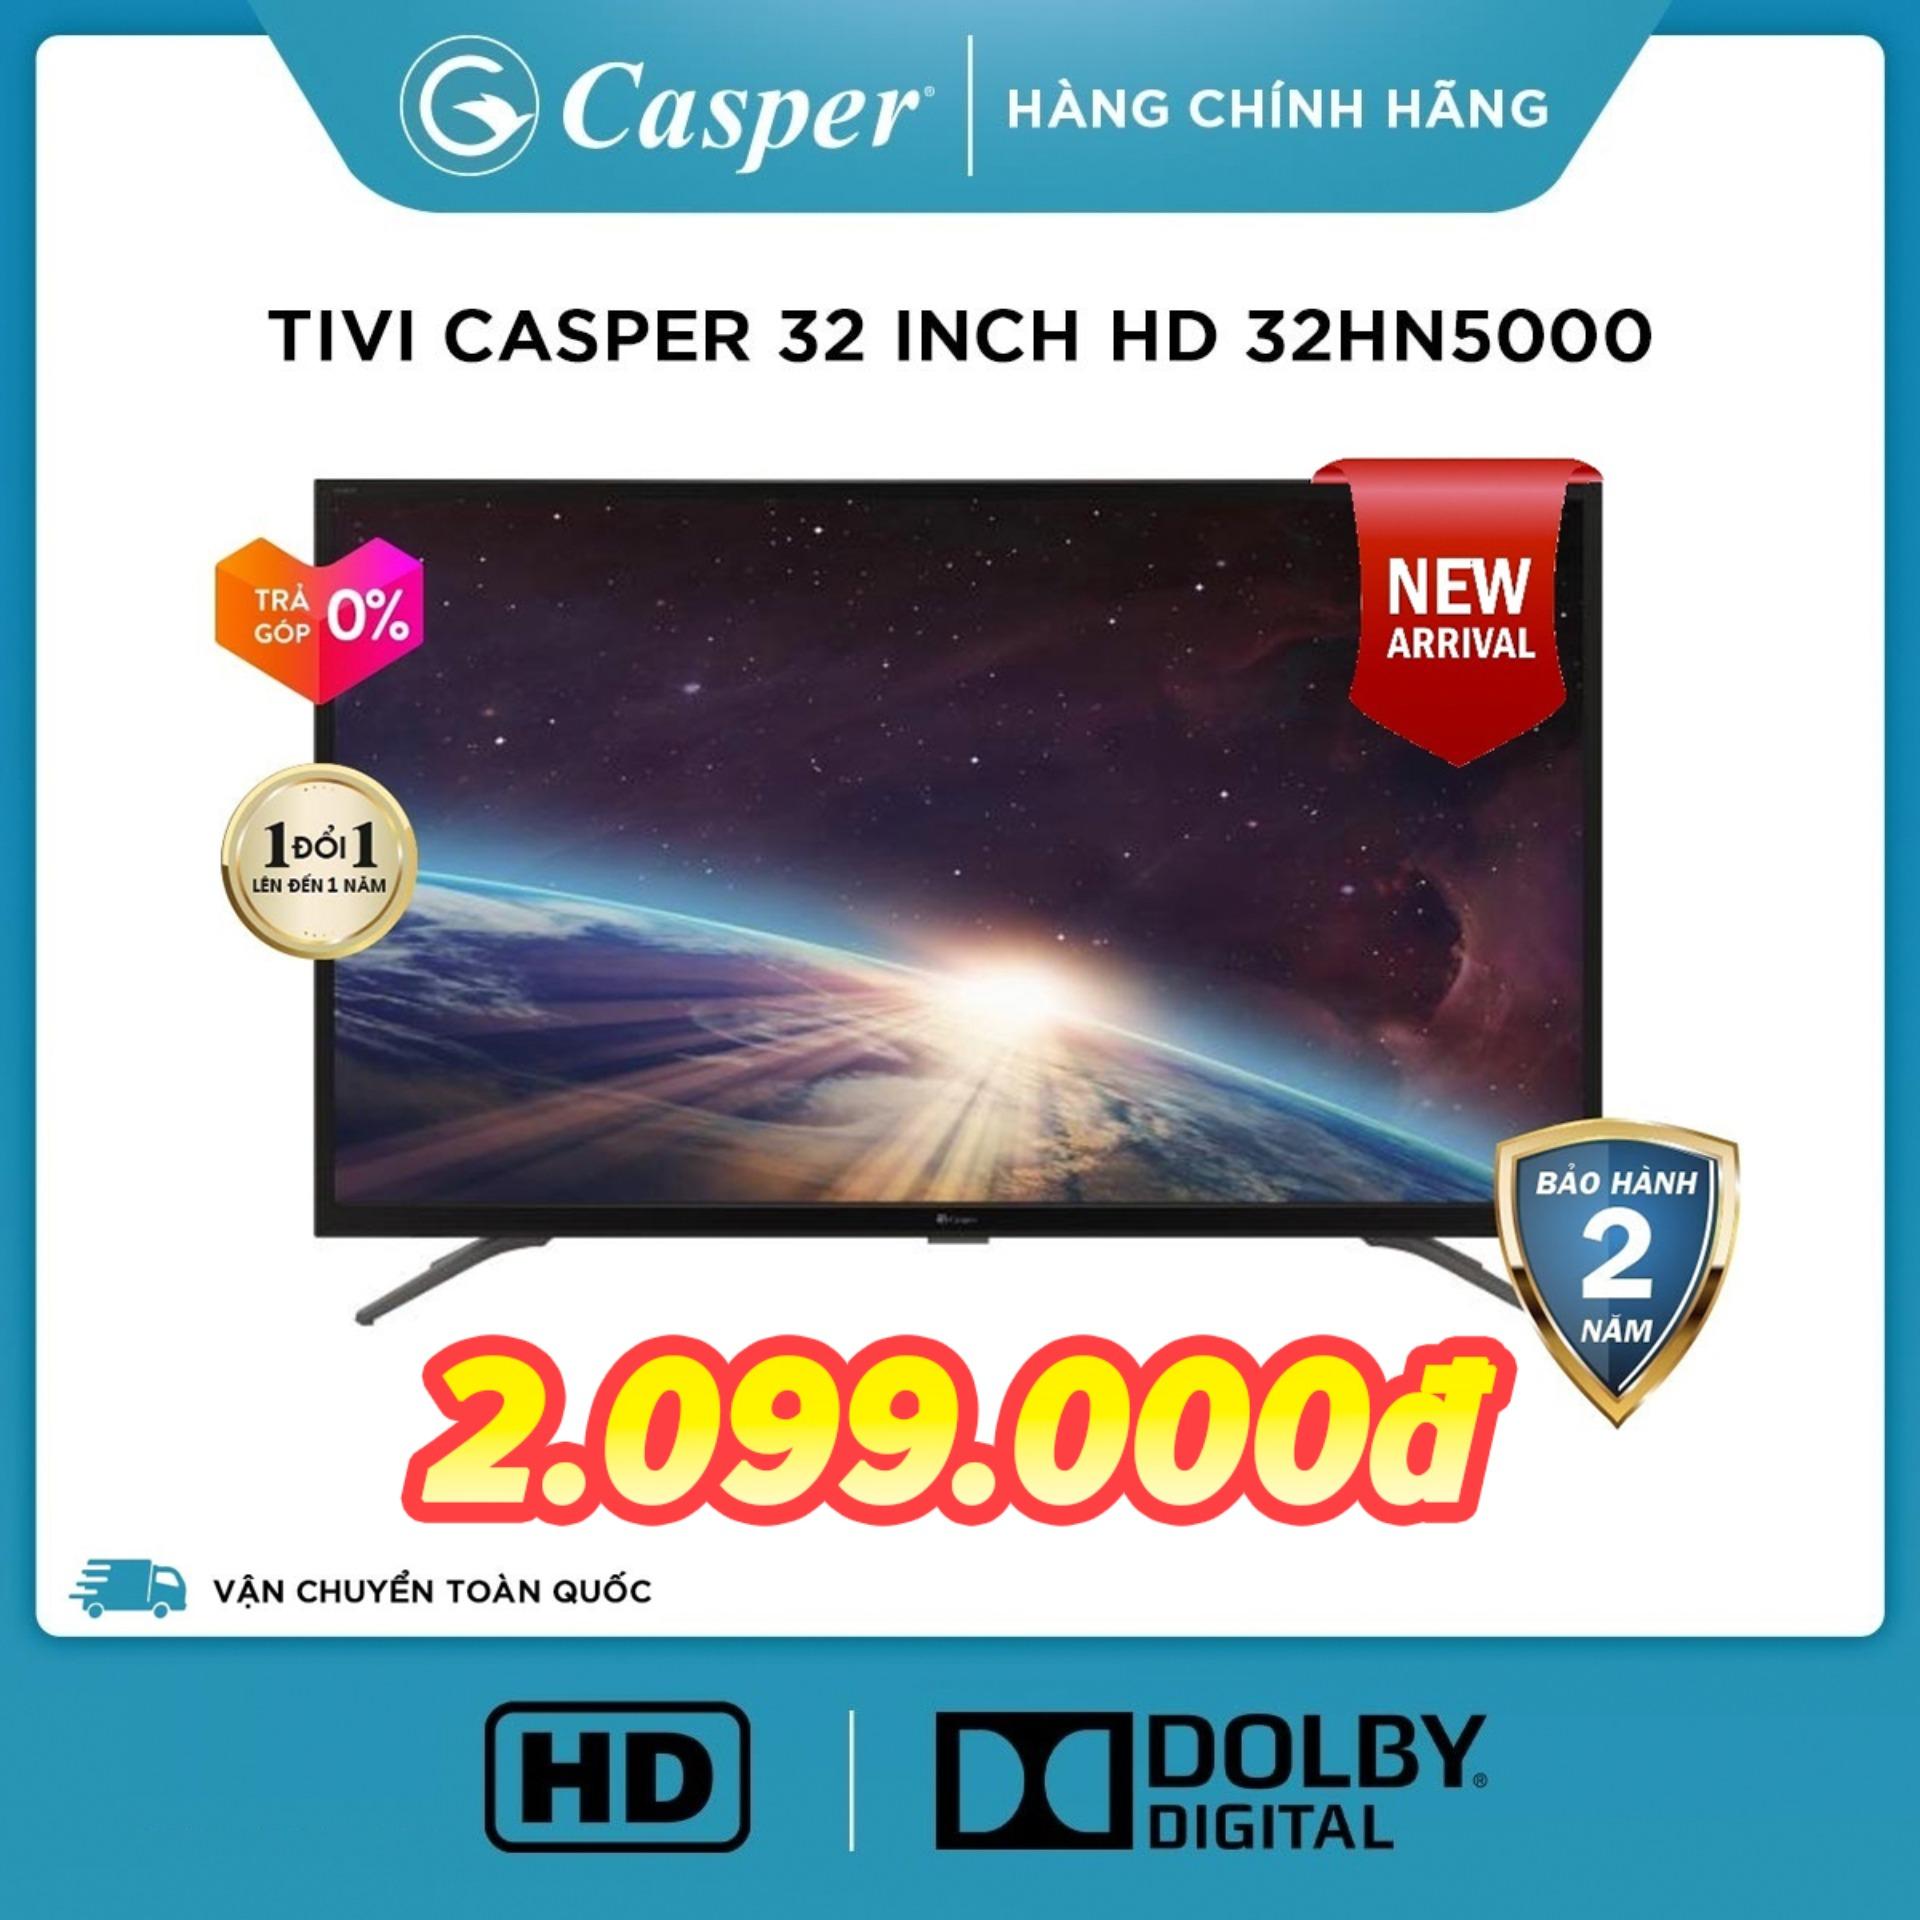 Bảng giá [Voucher 200k] Tivi Casper 32 inch LED HD Digital TV DVB-T2 32HN5000 (Đen) - Hàng Thái Lan - Đổi mới 1 năm - Bảo hành 2 năm [Sản phẩm mới] Điện máy Pico